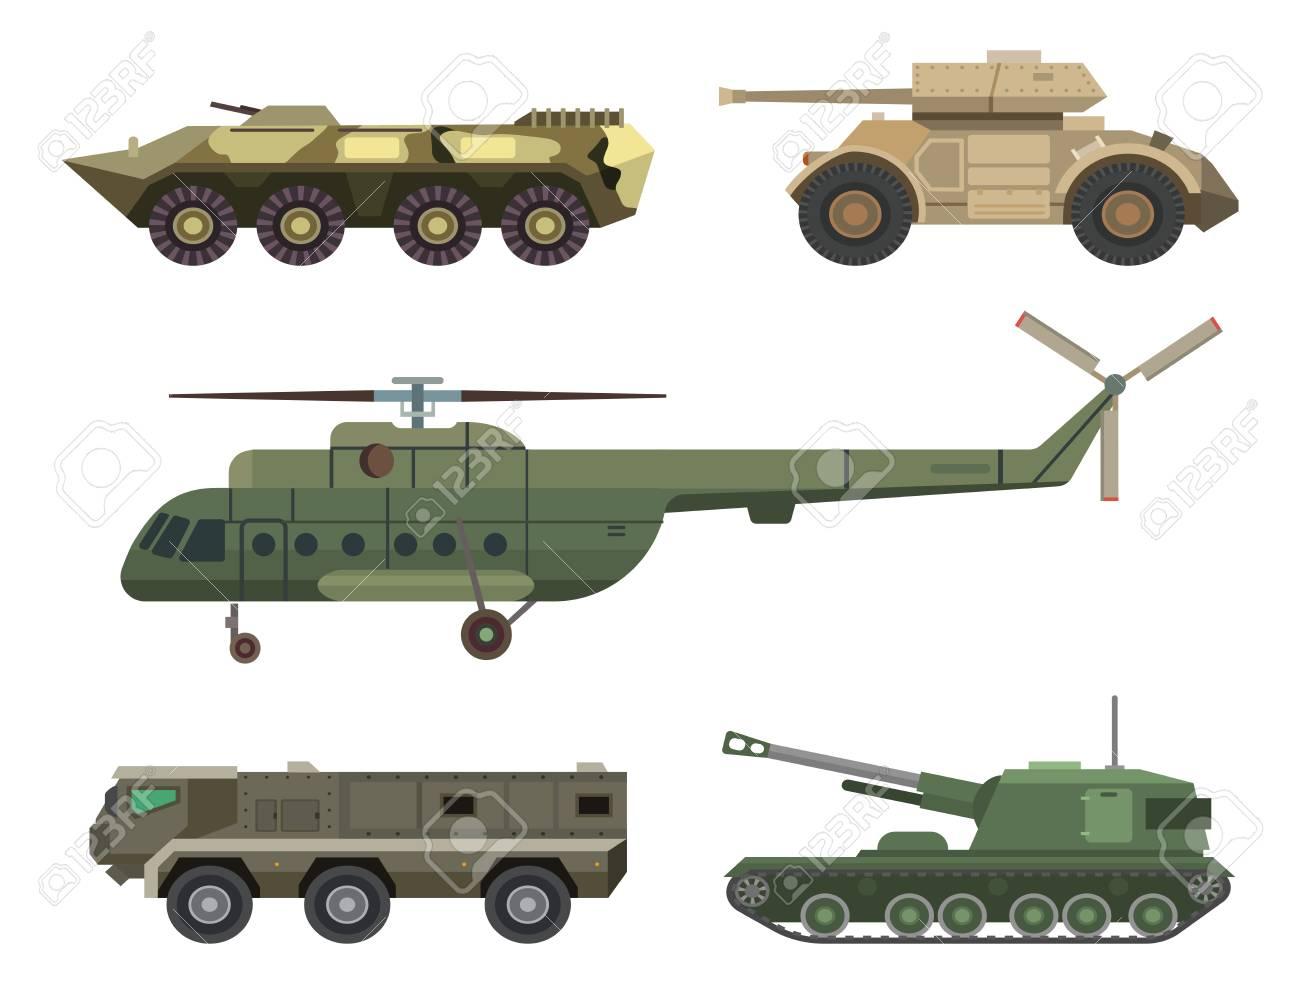 軍事輸送のイラスト素材・ベクタ - Image 98514989.